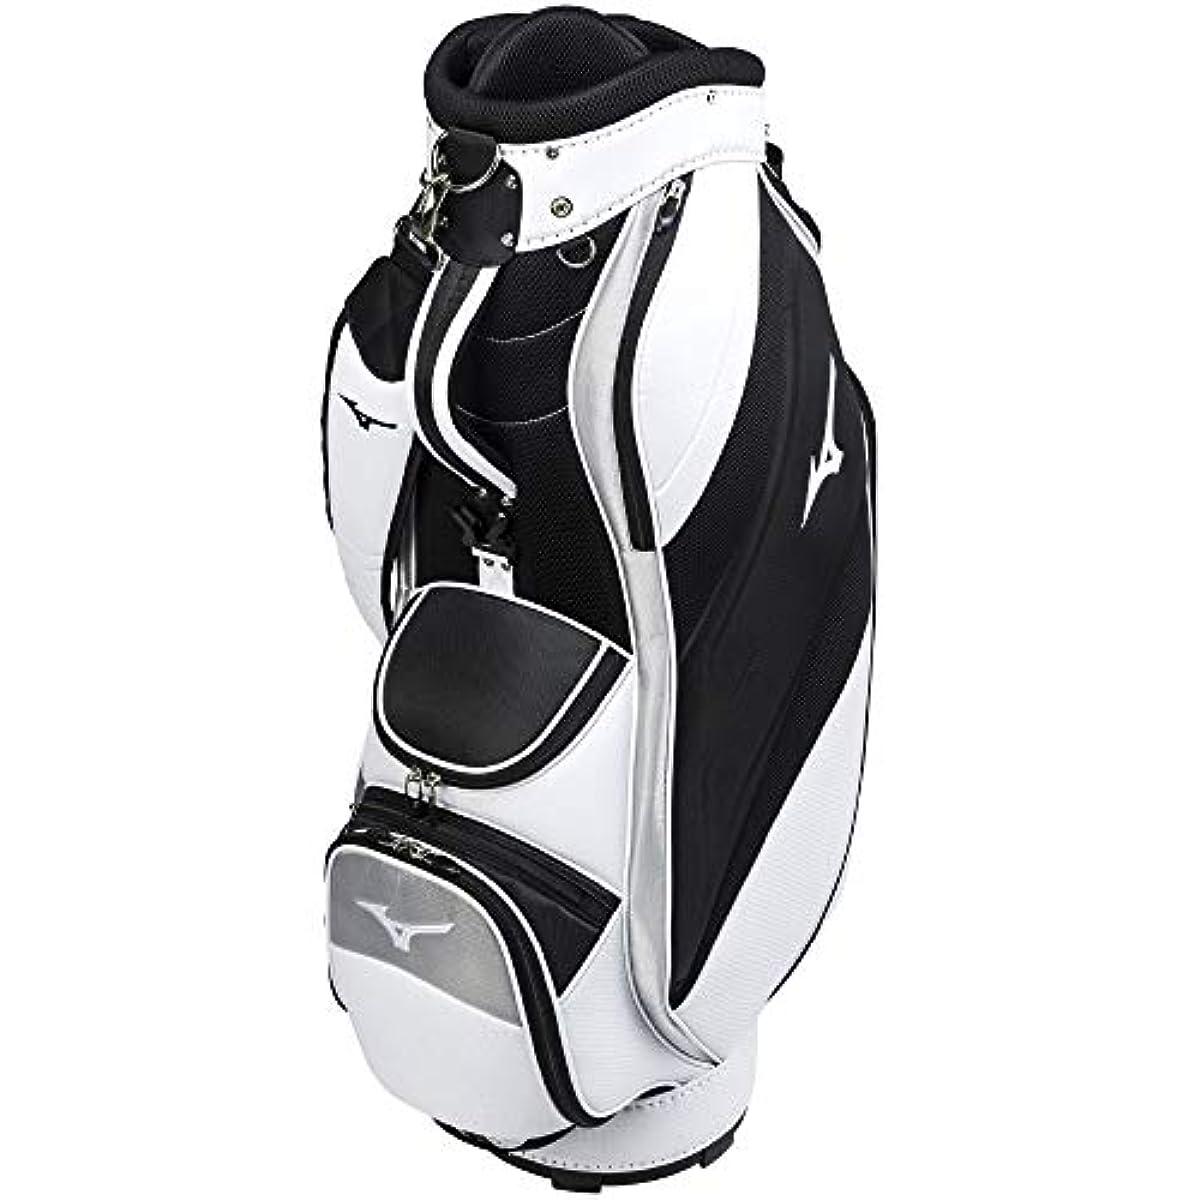 [해외] 미즈노 골프 캐디백 화이트x블랙 5LJC200200